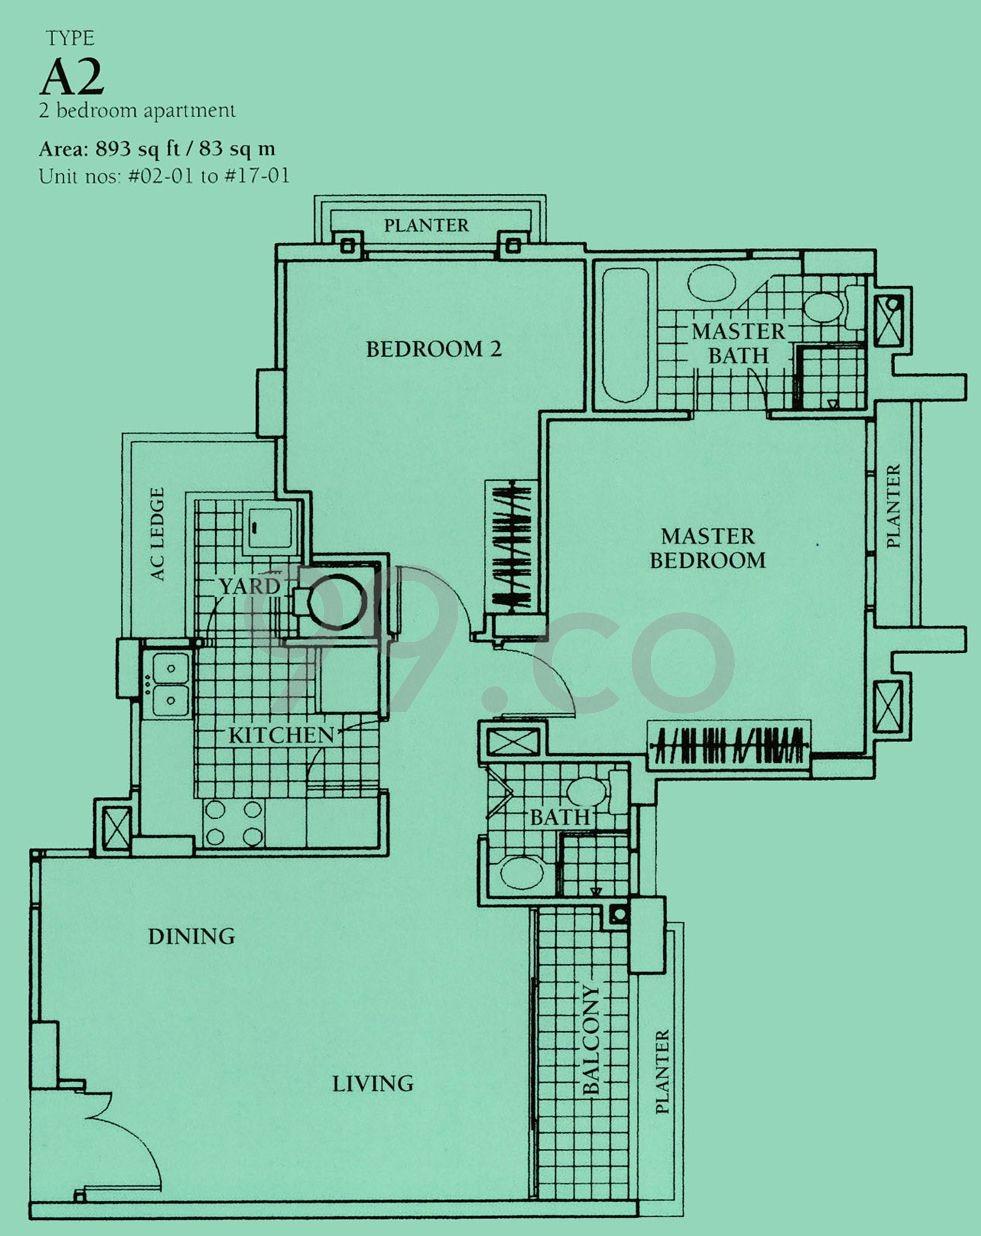 Aquarius by the Park condo floor plan